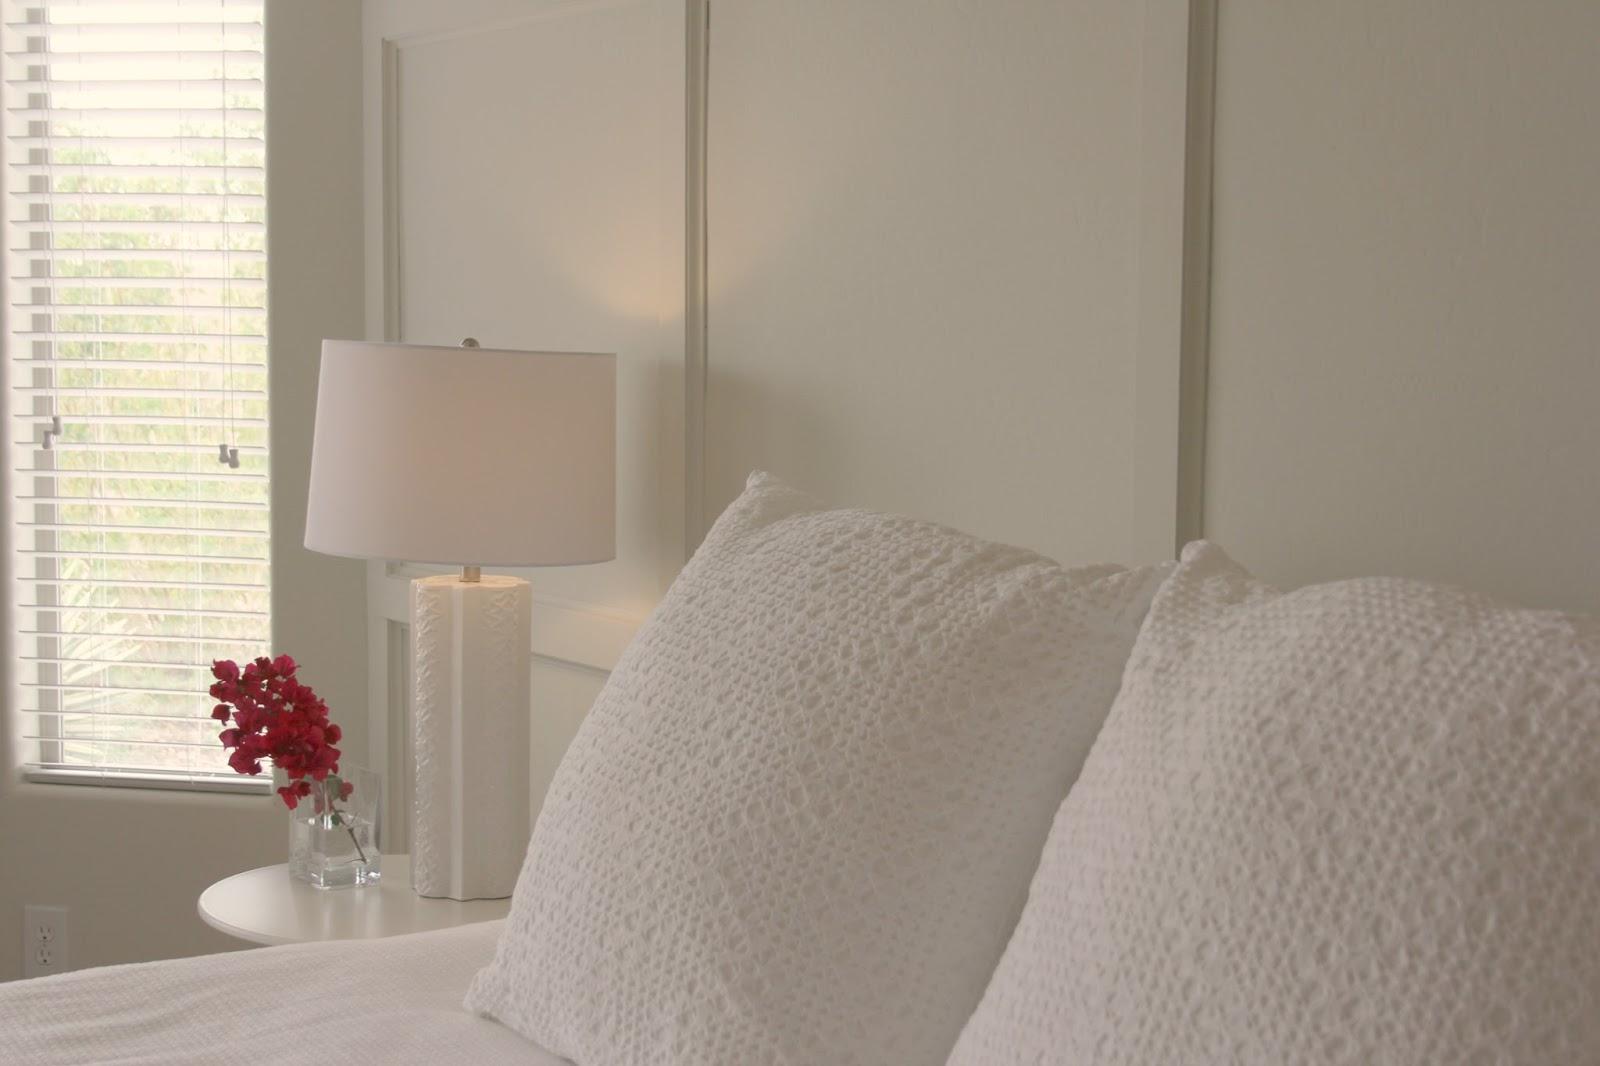 White eyelet pillow shams in serene master bedroom - Hello Lovely Studio